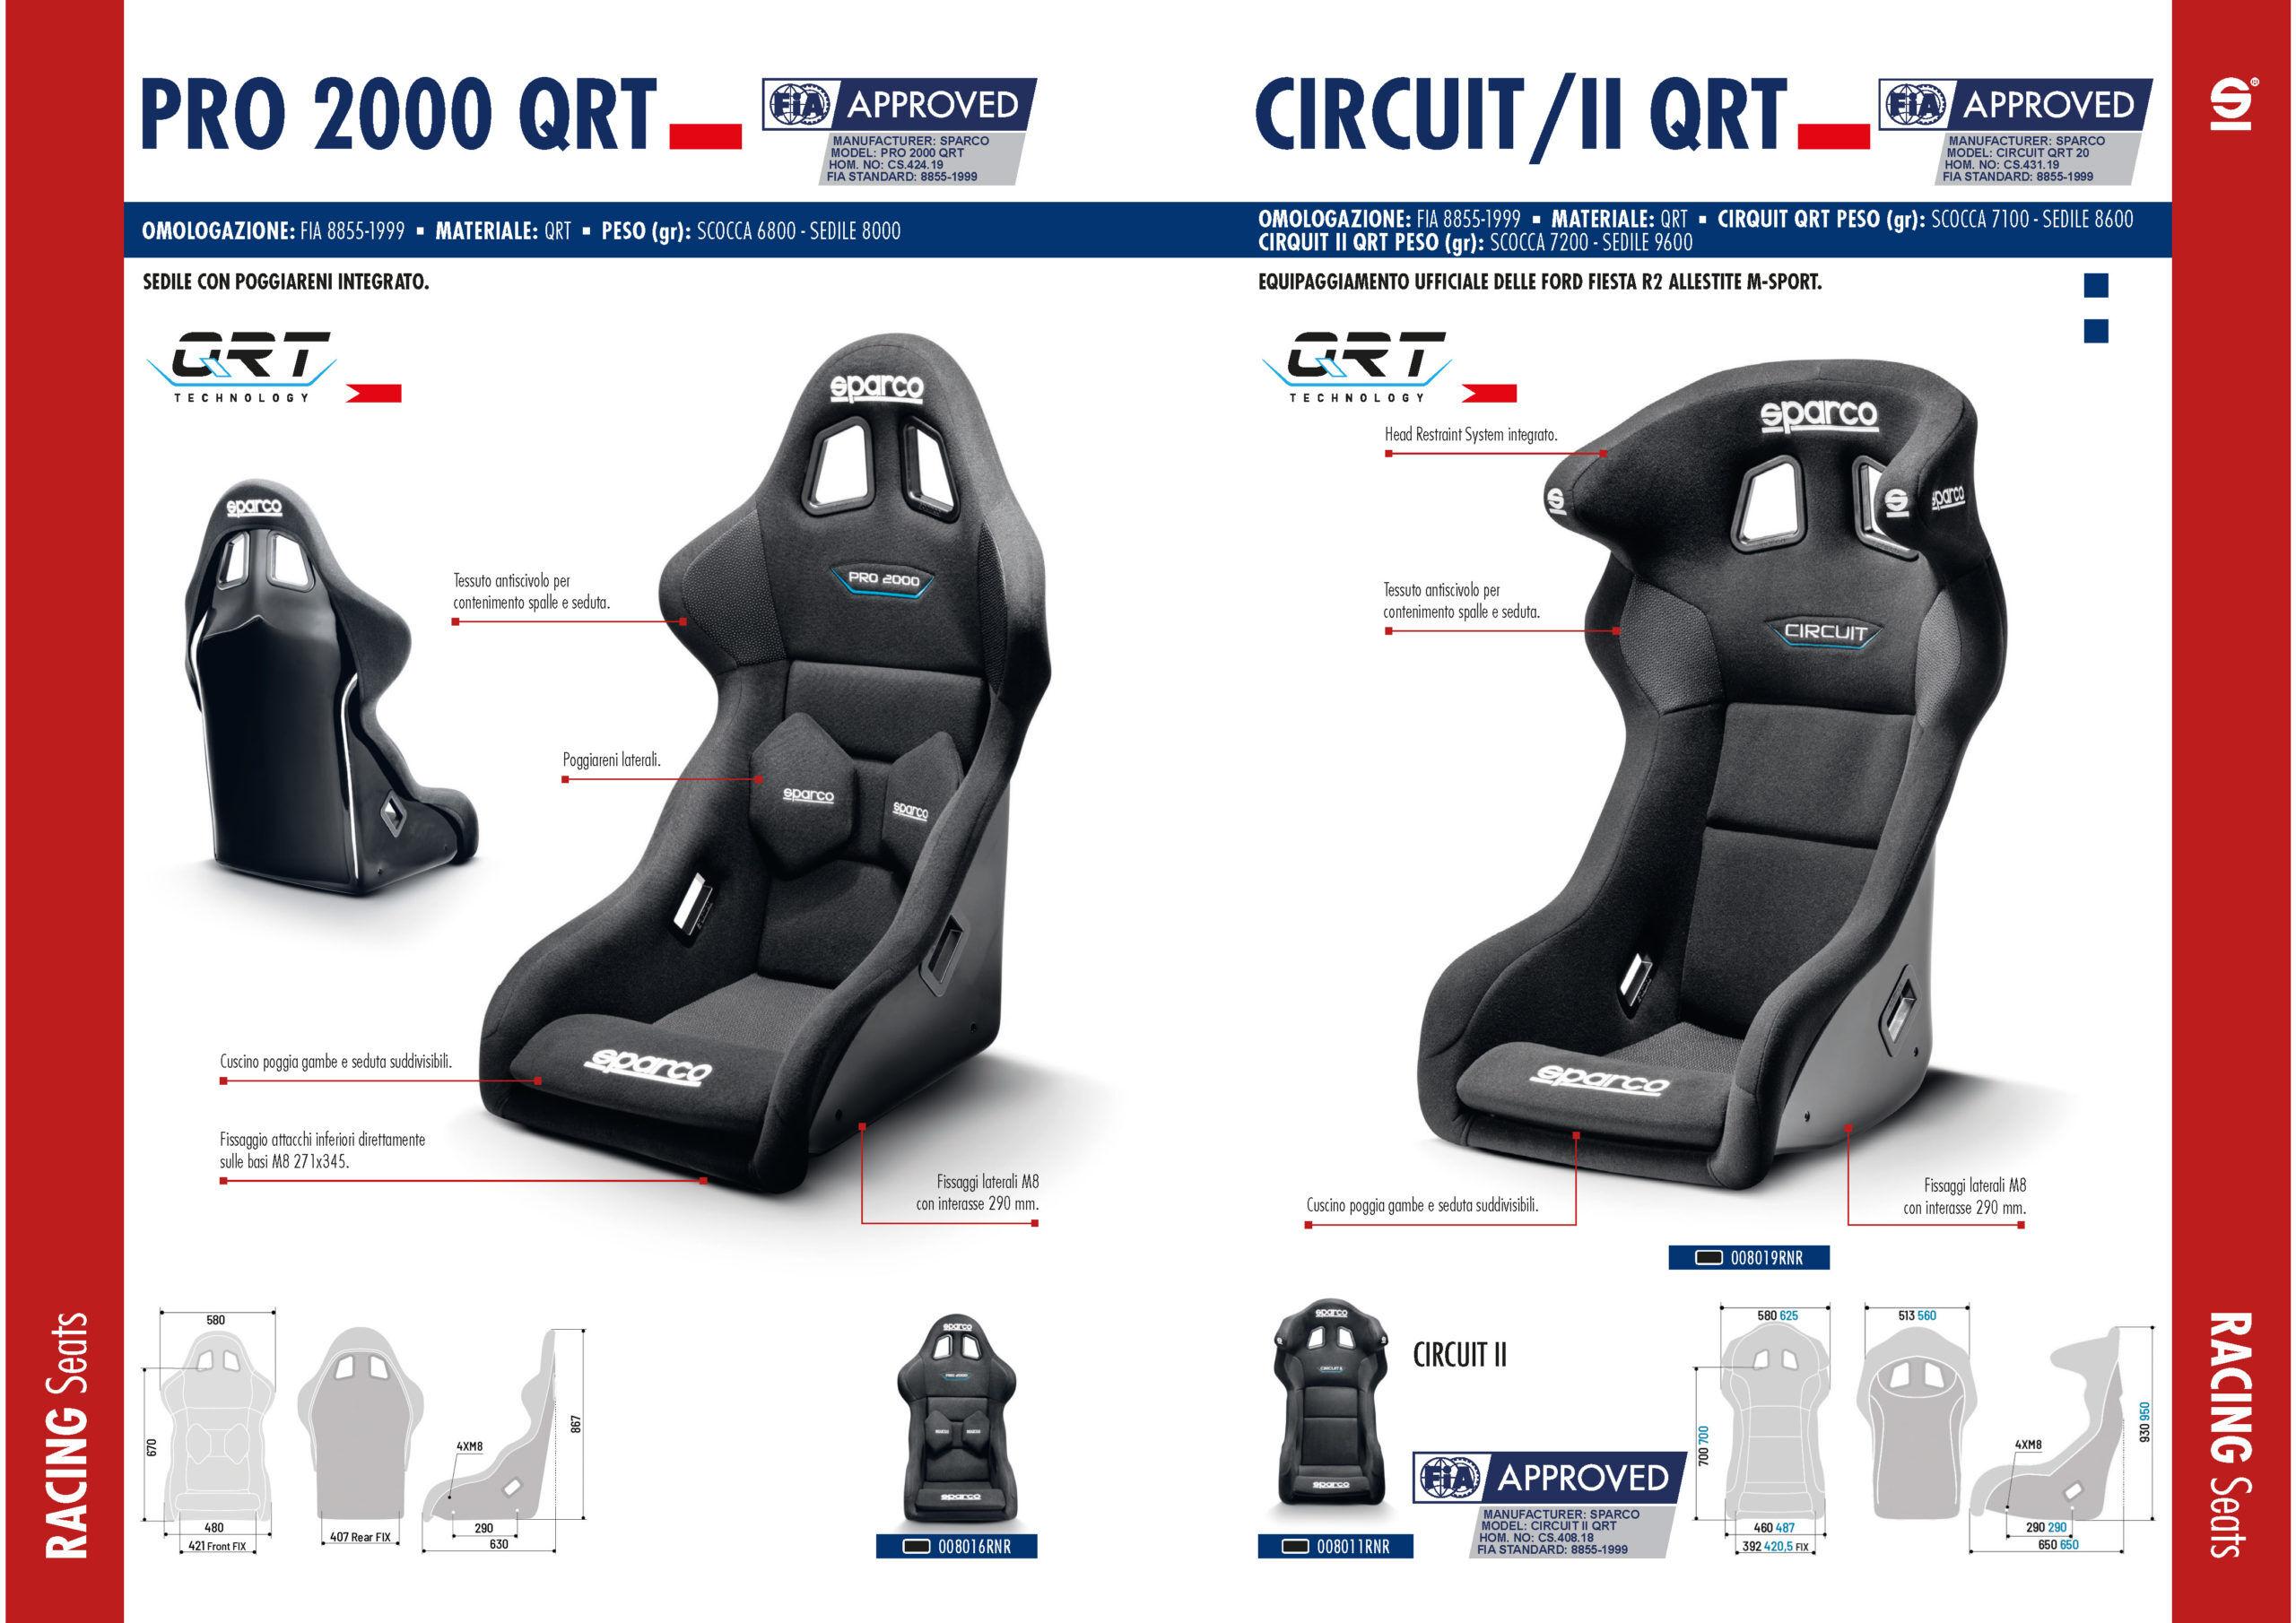 Sparco Pro 2000 QRT - kuipstoel is een van de meest gekozen stoelen in de autosport. Gehomologeerd volgens de FIA-norm FIA 8855-1999.